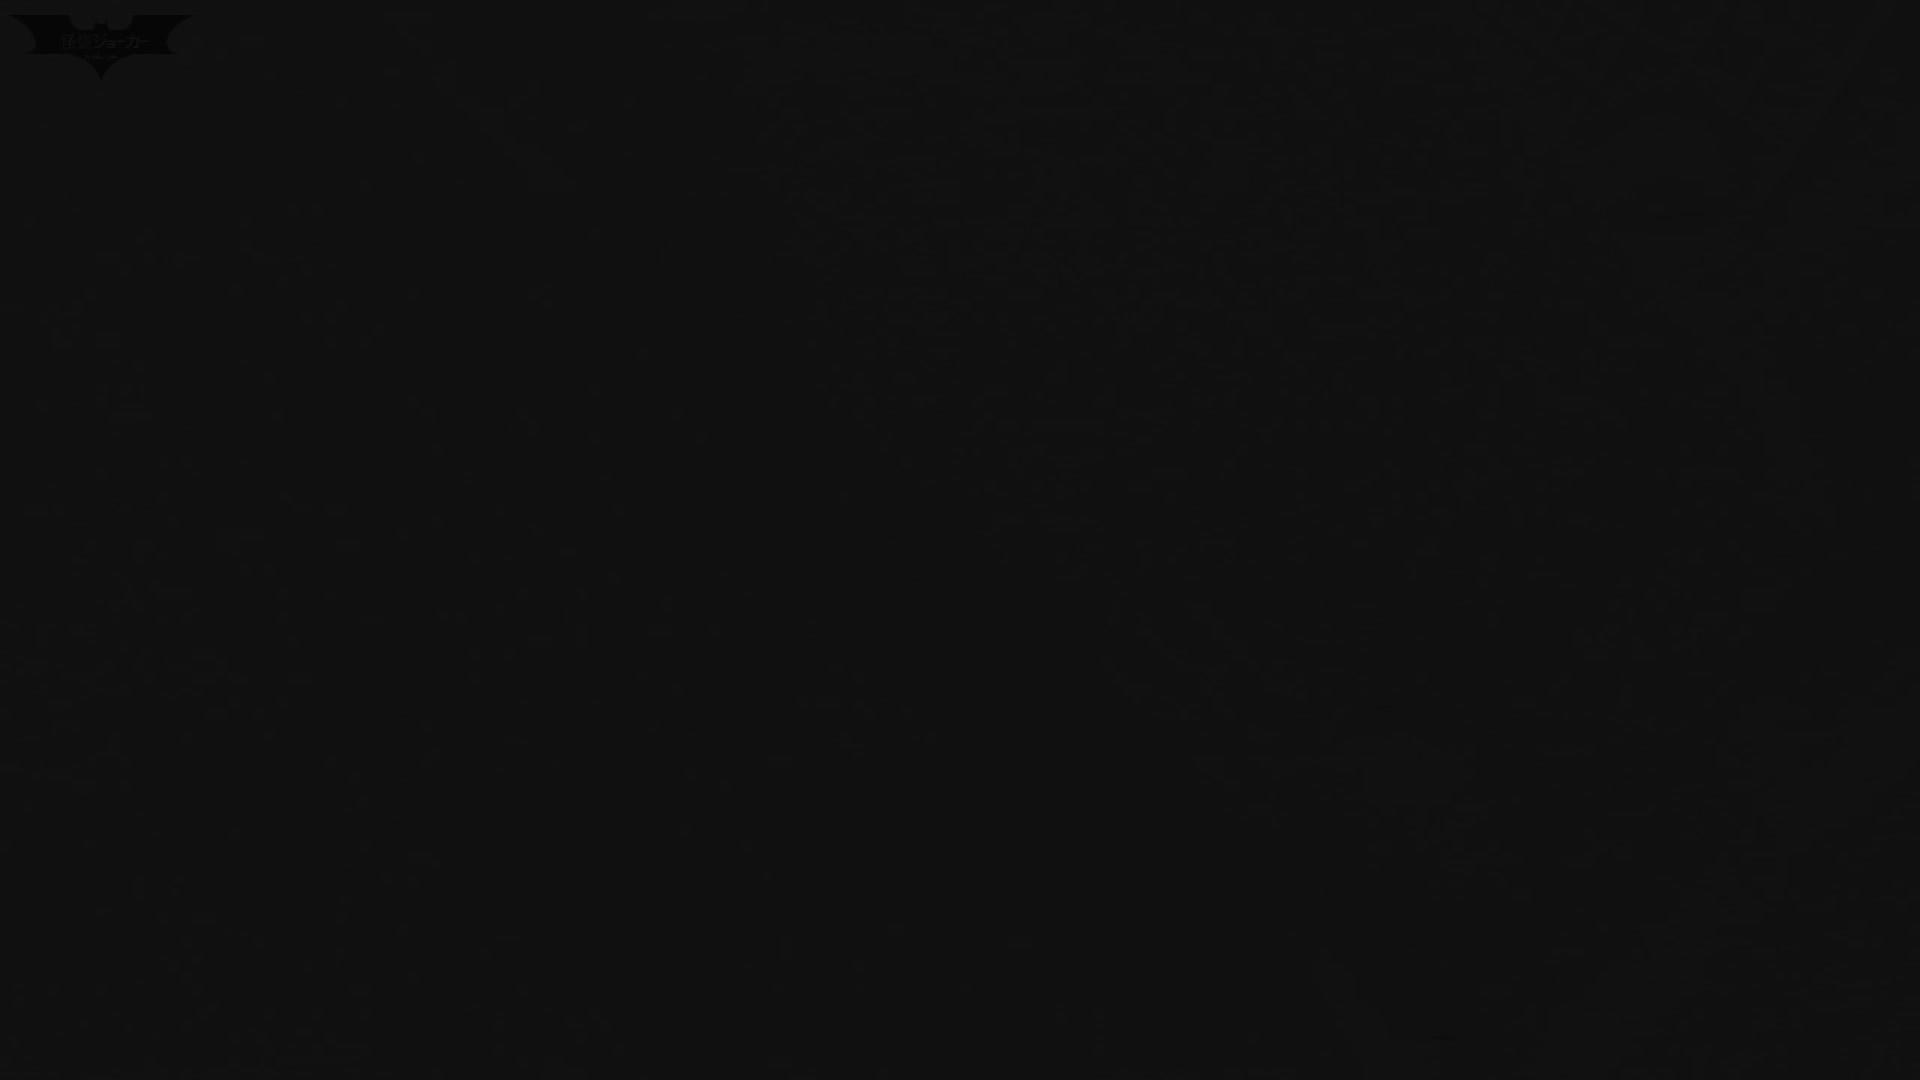 【期間・個数限定配信】 マンコ丸見え!第三体育館潜入撮File001 盛合せ  89PIX 55